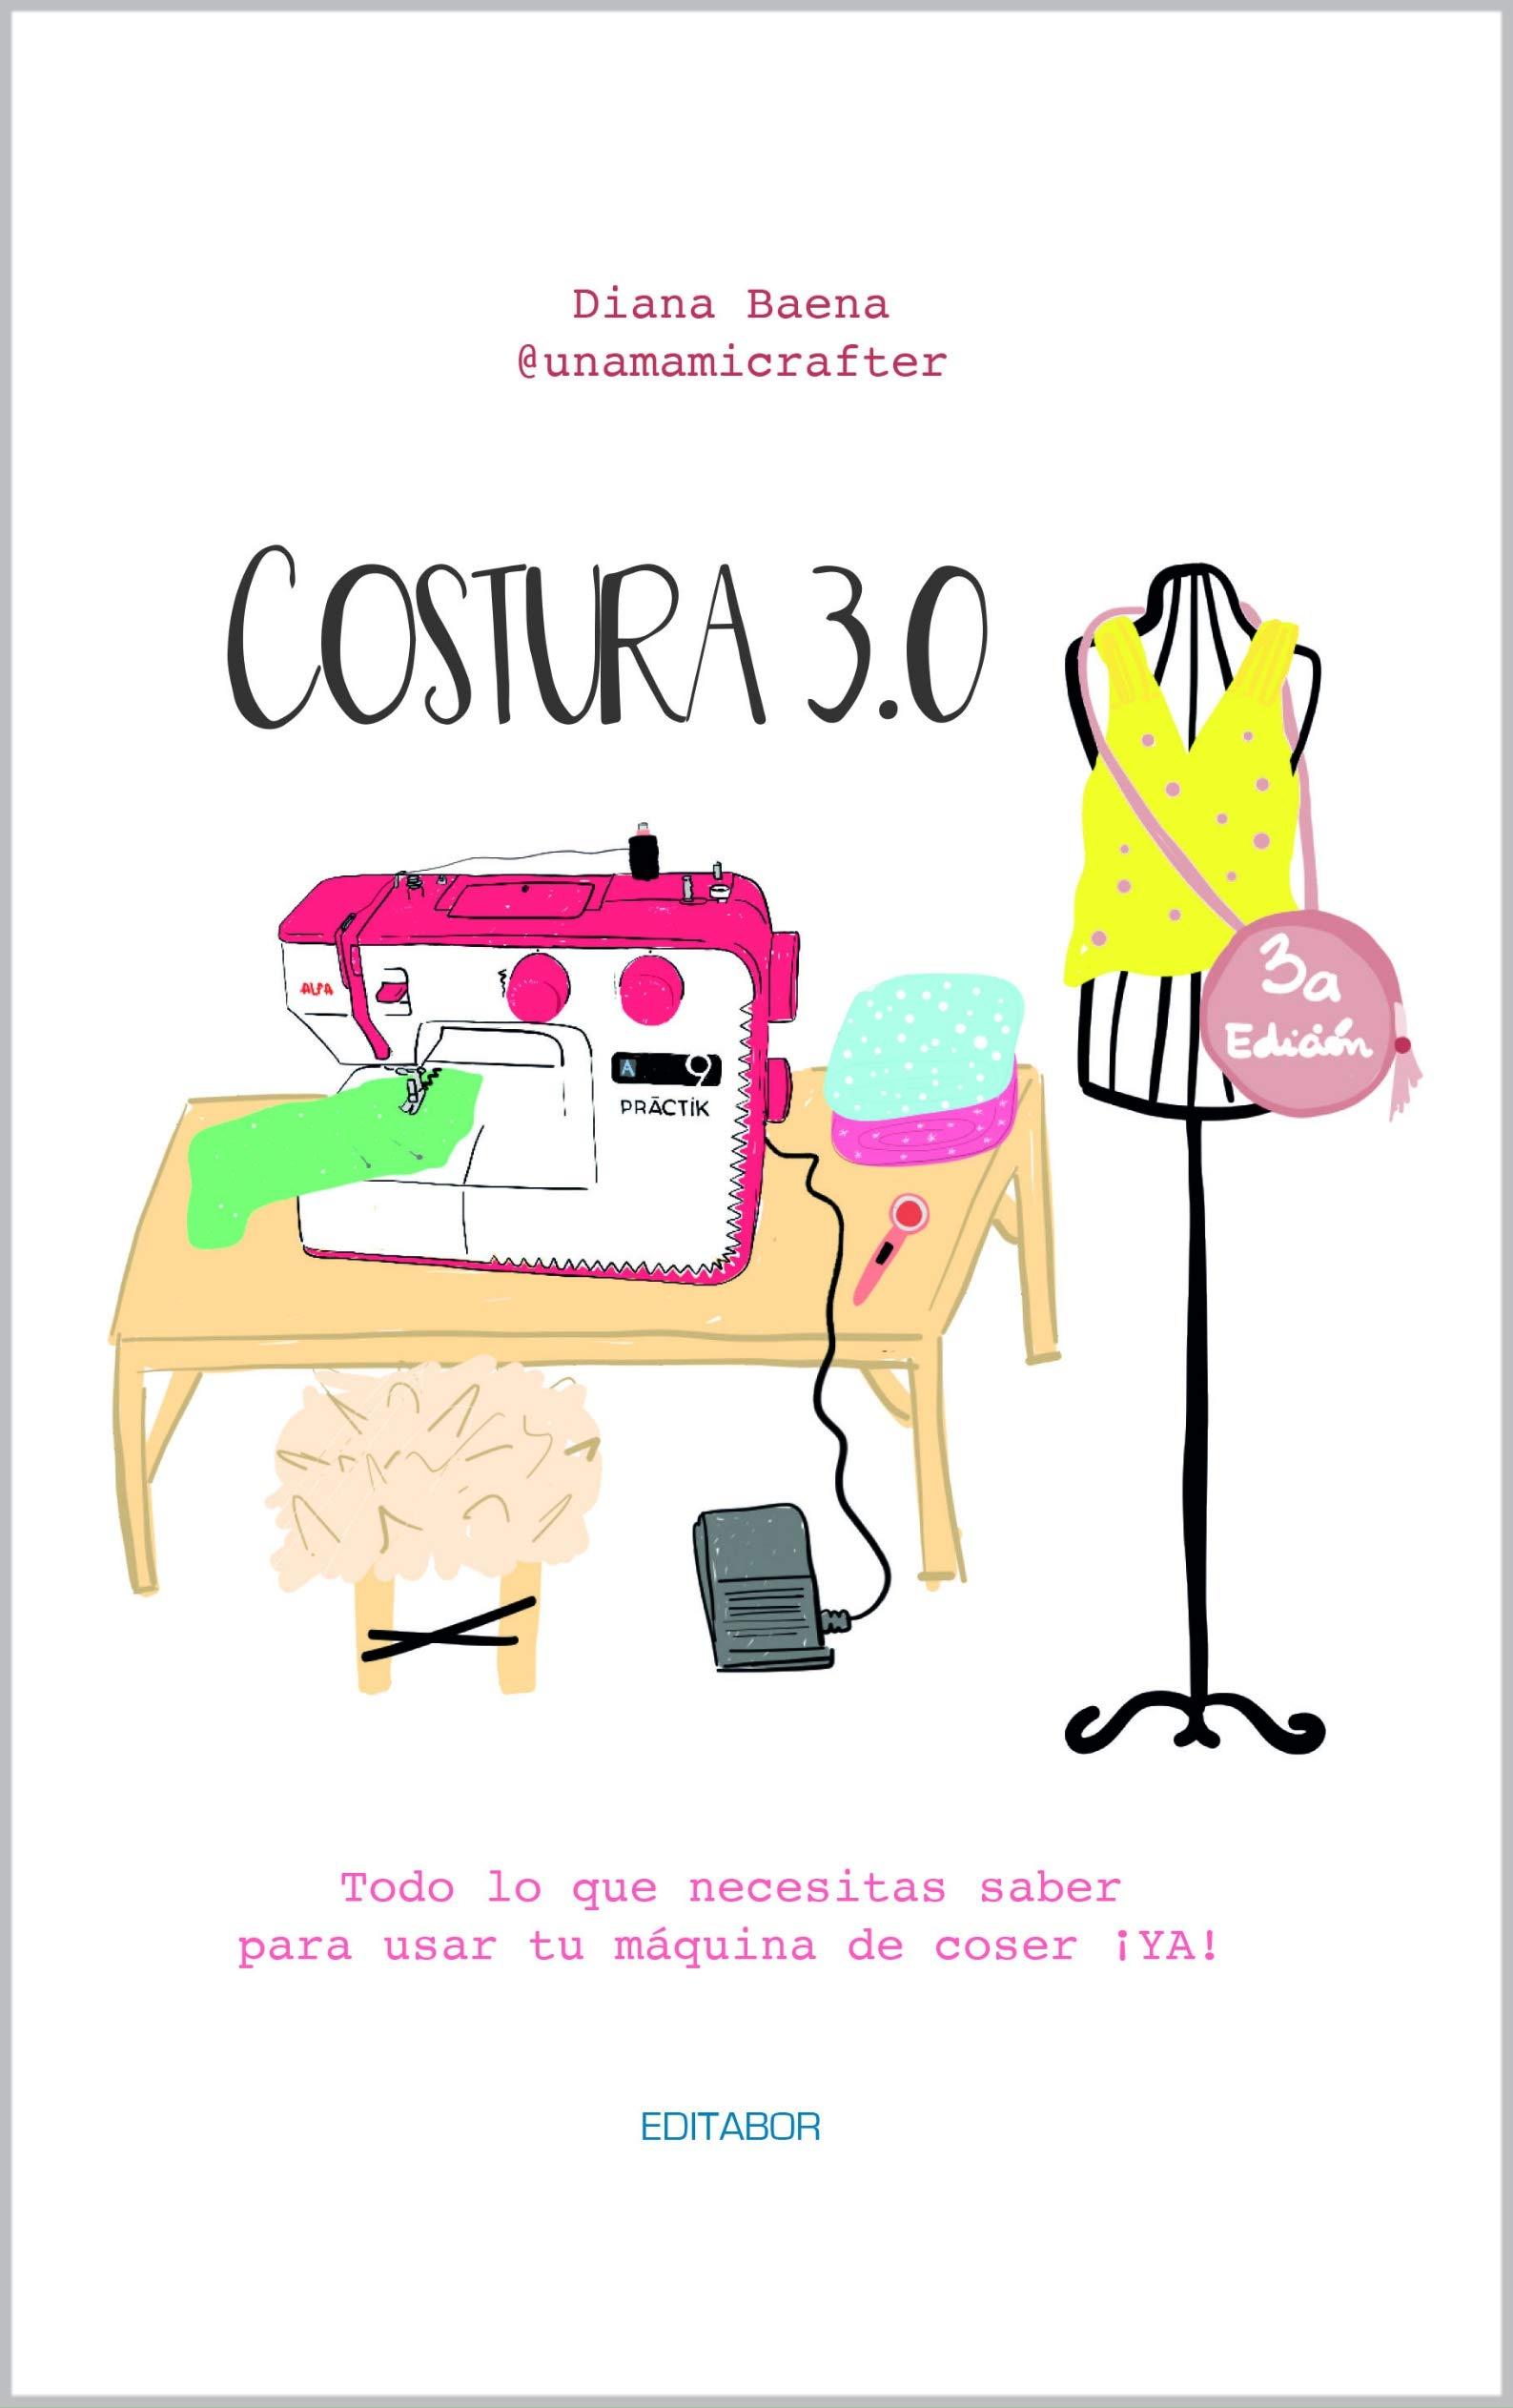 COSTURA 3.0: Todo lo que necesitas saber para usar tu máquina de coser ¡YA!